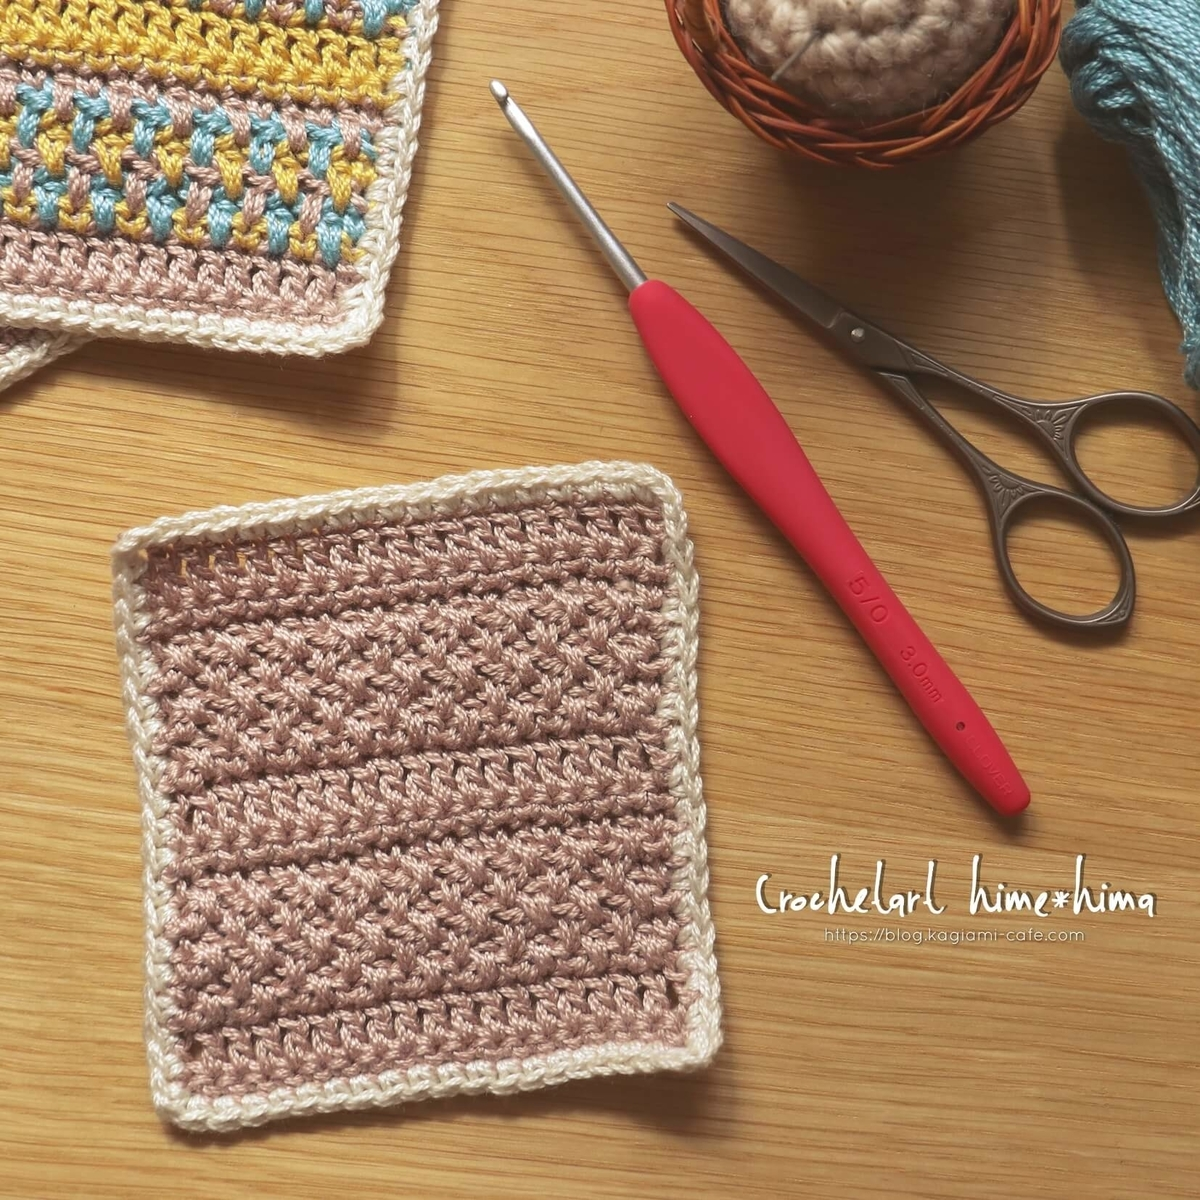 かぎ針編み|ハマナカ ウオッシュコットンで平編み|基本の編み方が練習できるコースター一色編み